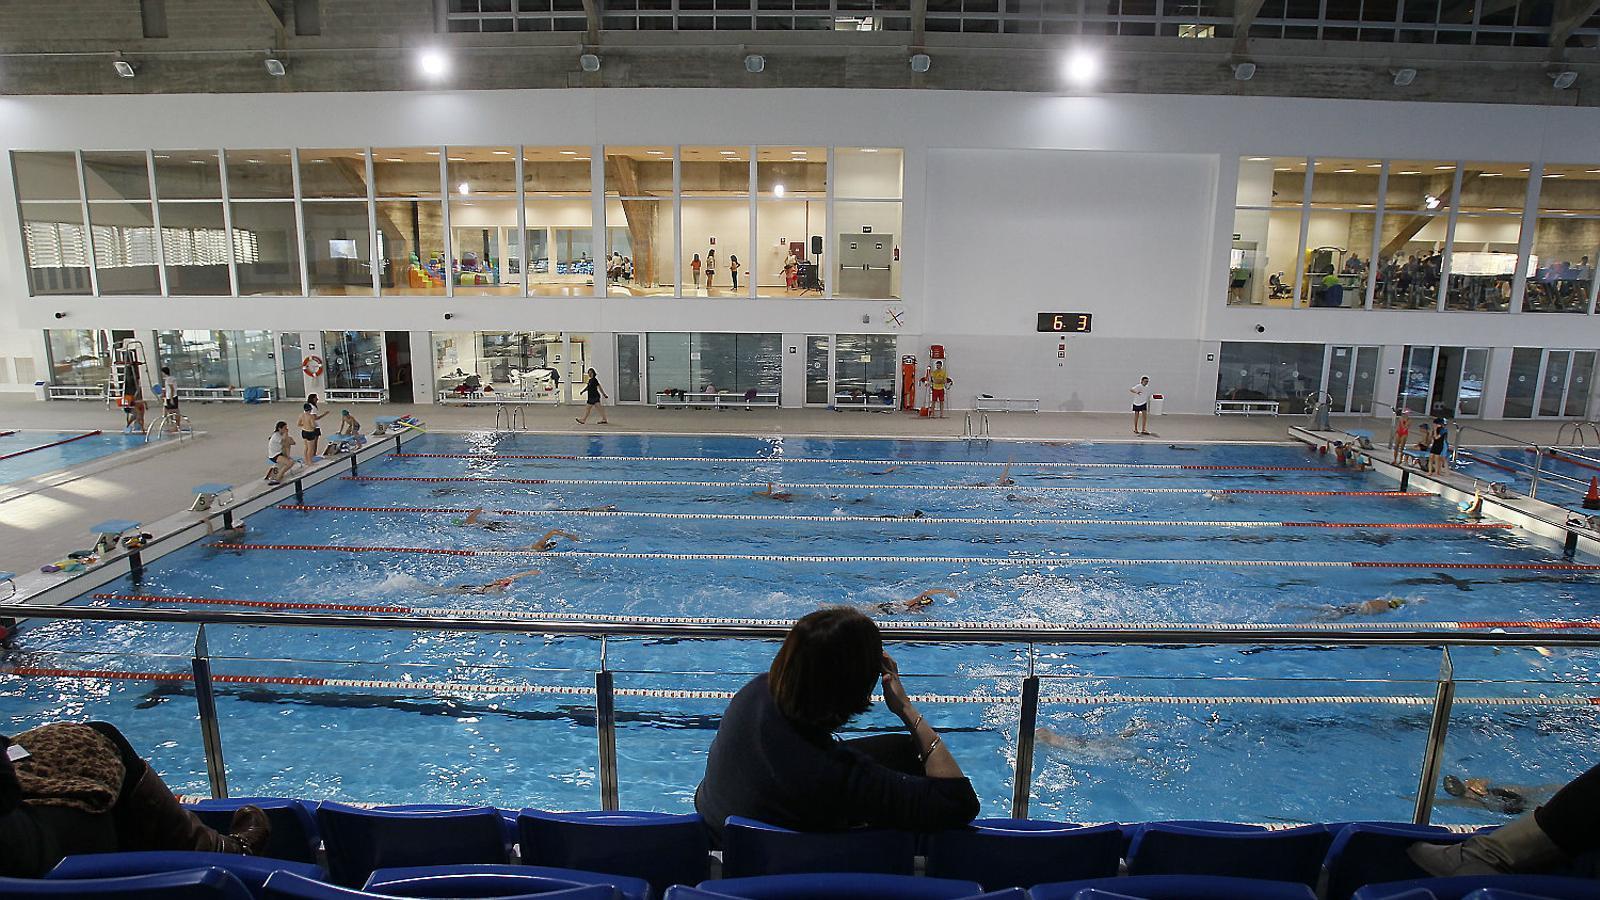 EXERCICI FÍSIC  Les piscines venen a ser gimnasos en versió més fina, ni que sigui perquè la gent hi sua d'una manera menys ostentosa (estan en remull) i perquè no s'hi sol escoltar un fil musical amb èxits de reggaeton (excepte algunes sessions d'aquagym).